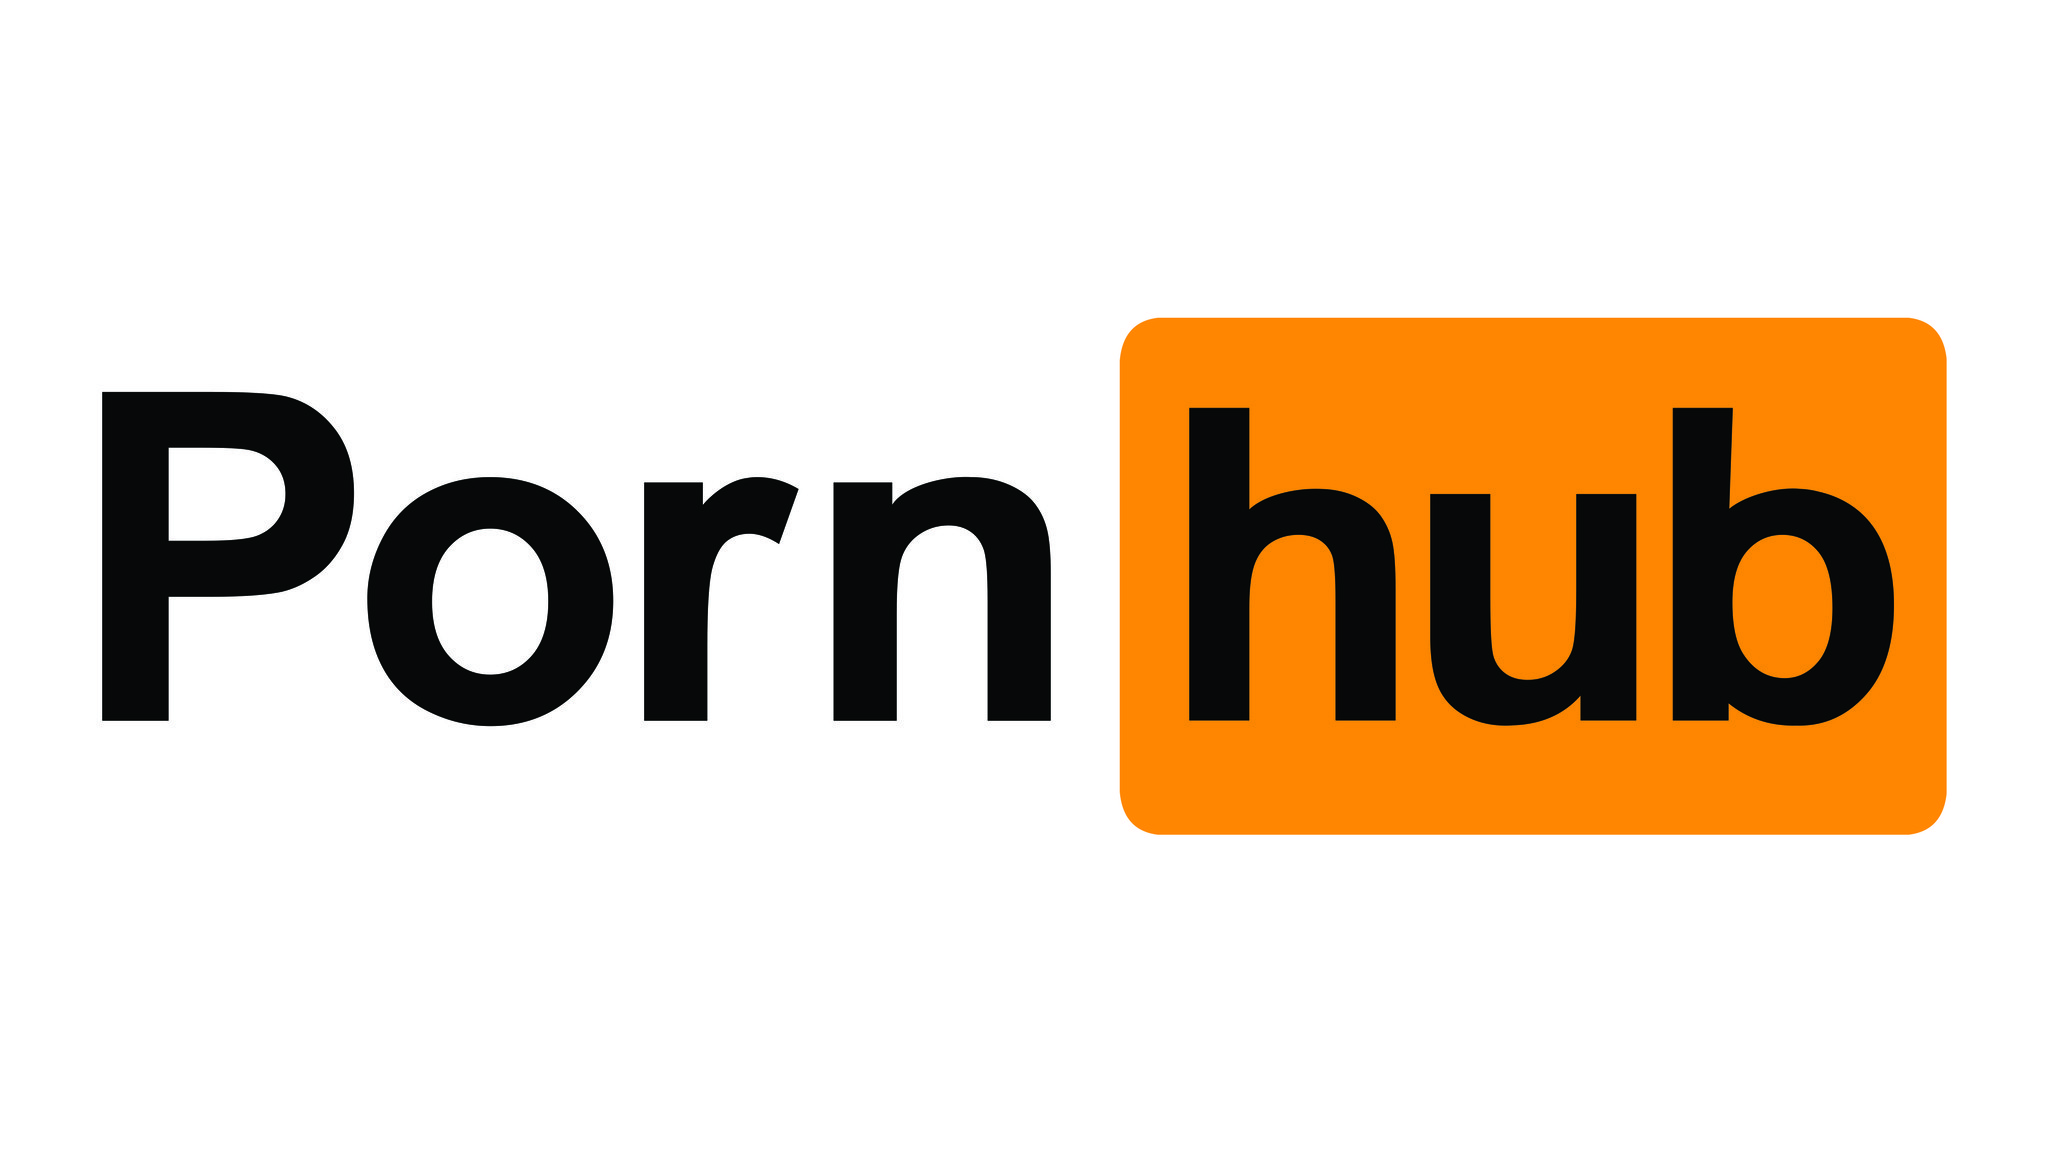 Запрет Pornhub и социальная сеть Linkedin названы Роскомнадзором знаковыми событиями уходящего года